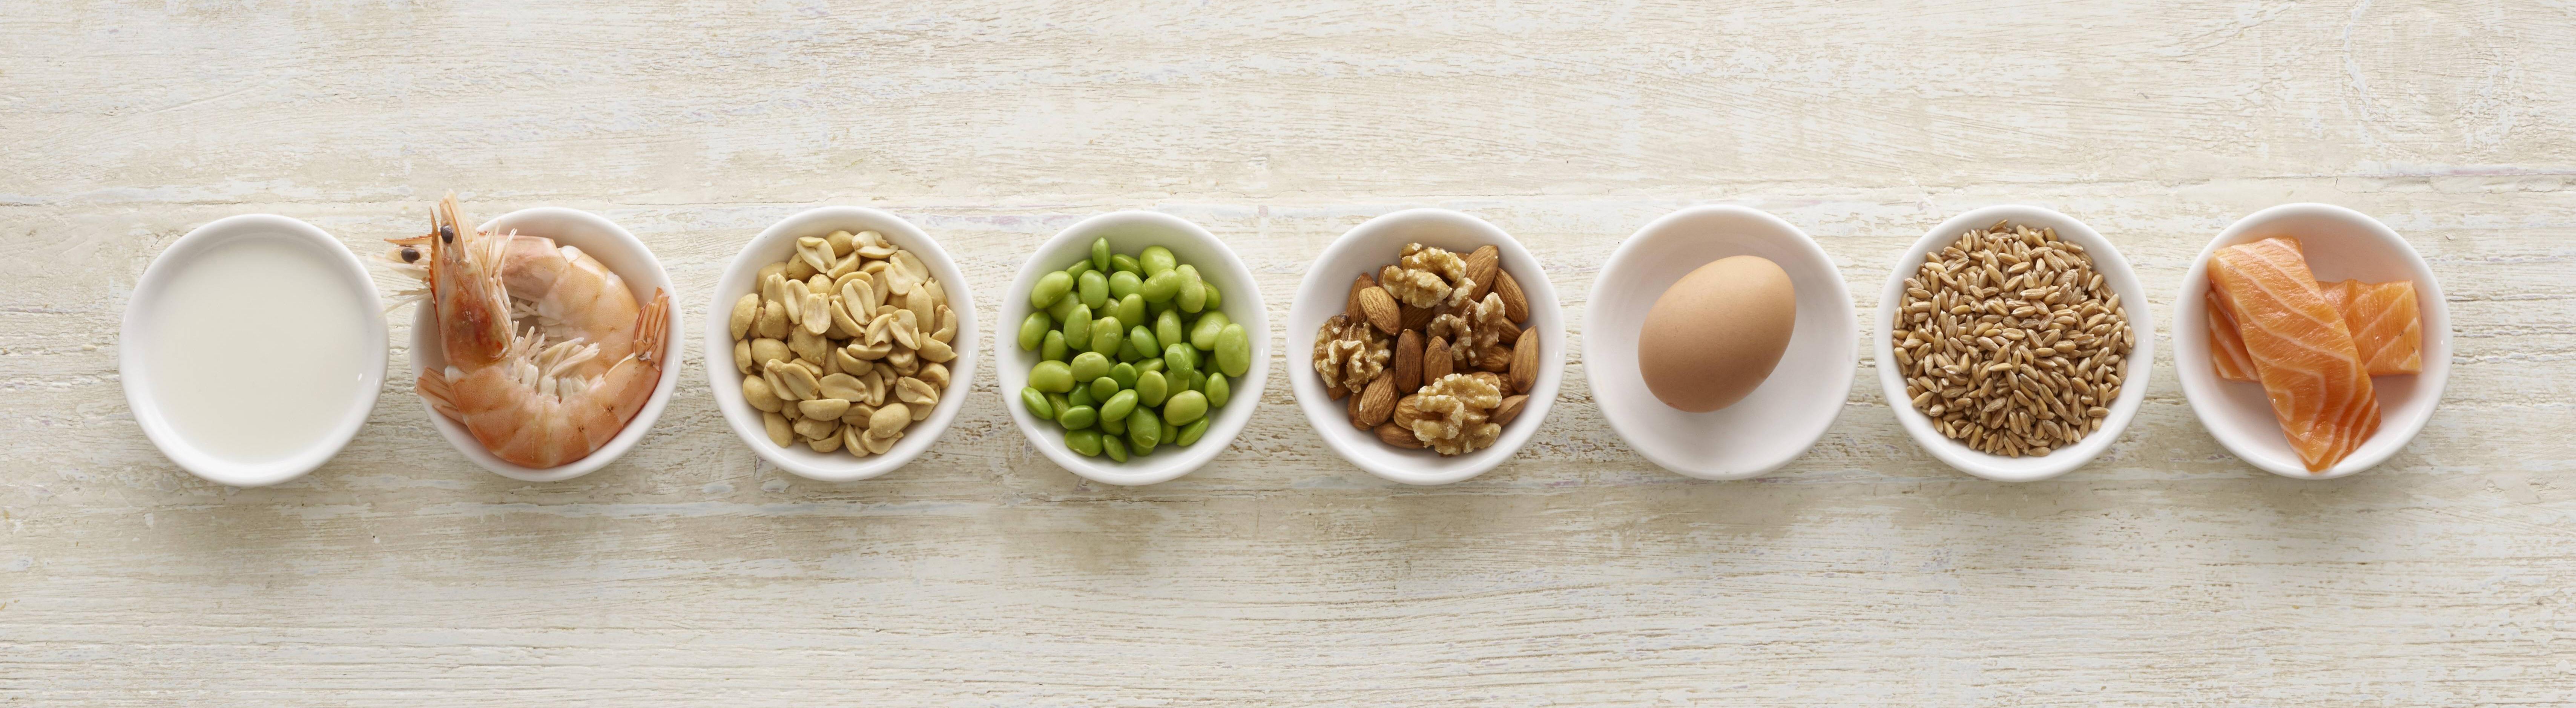 Lebensmittel auf die manche Menschen allergisch reagieren: Eier, Garnelen, Pistazien, Mandeln, Walnüsse, Lachs, Getreidekörner und Erdnüsse.